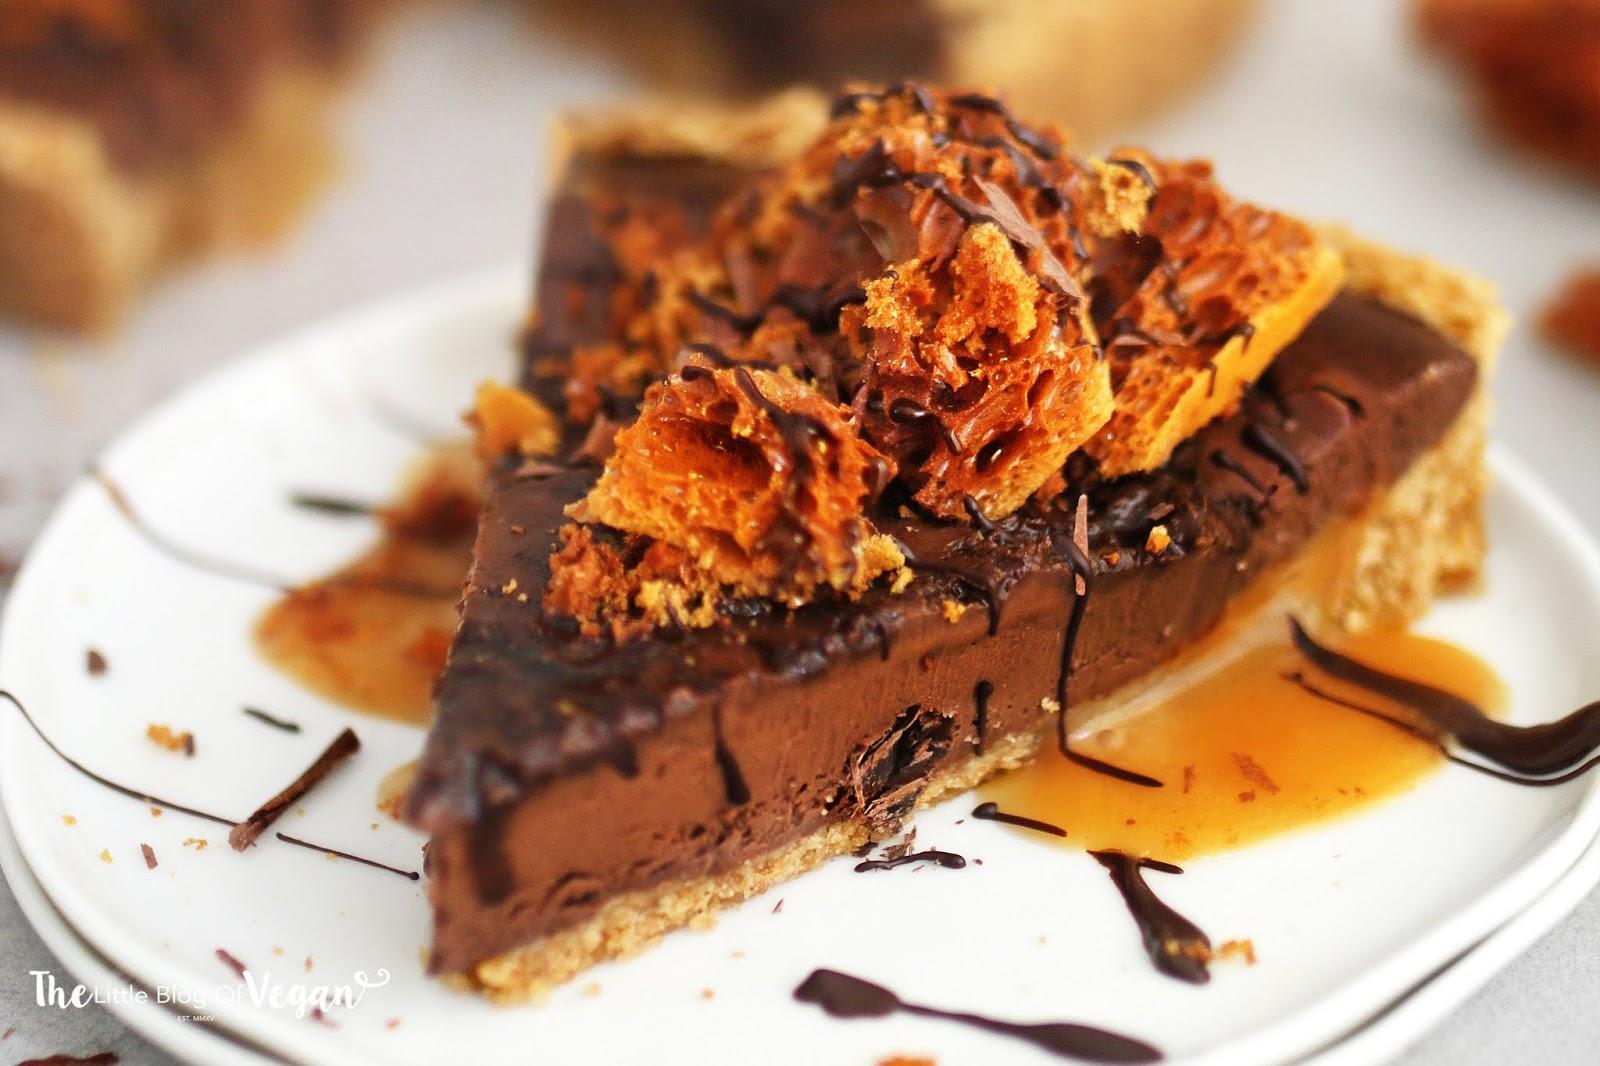 No-bake chocolate honeycomb tart recipe